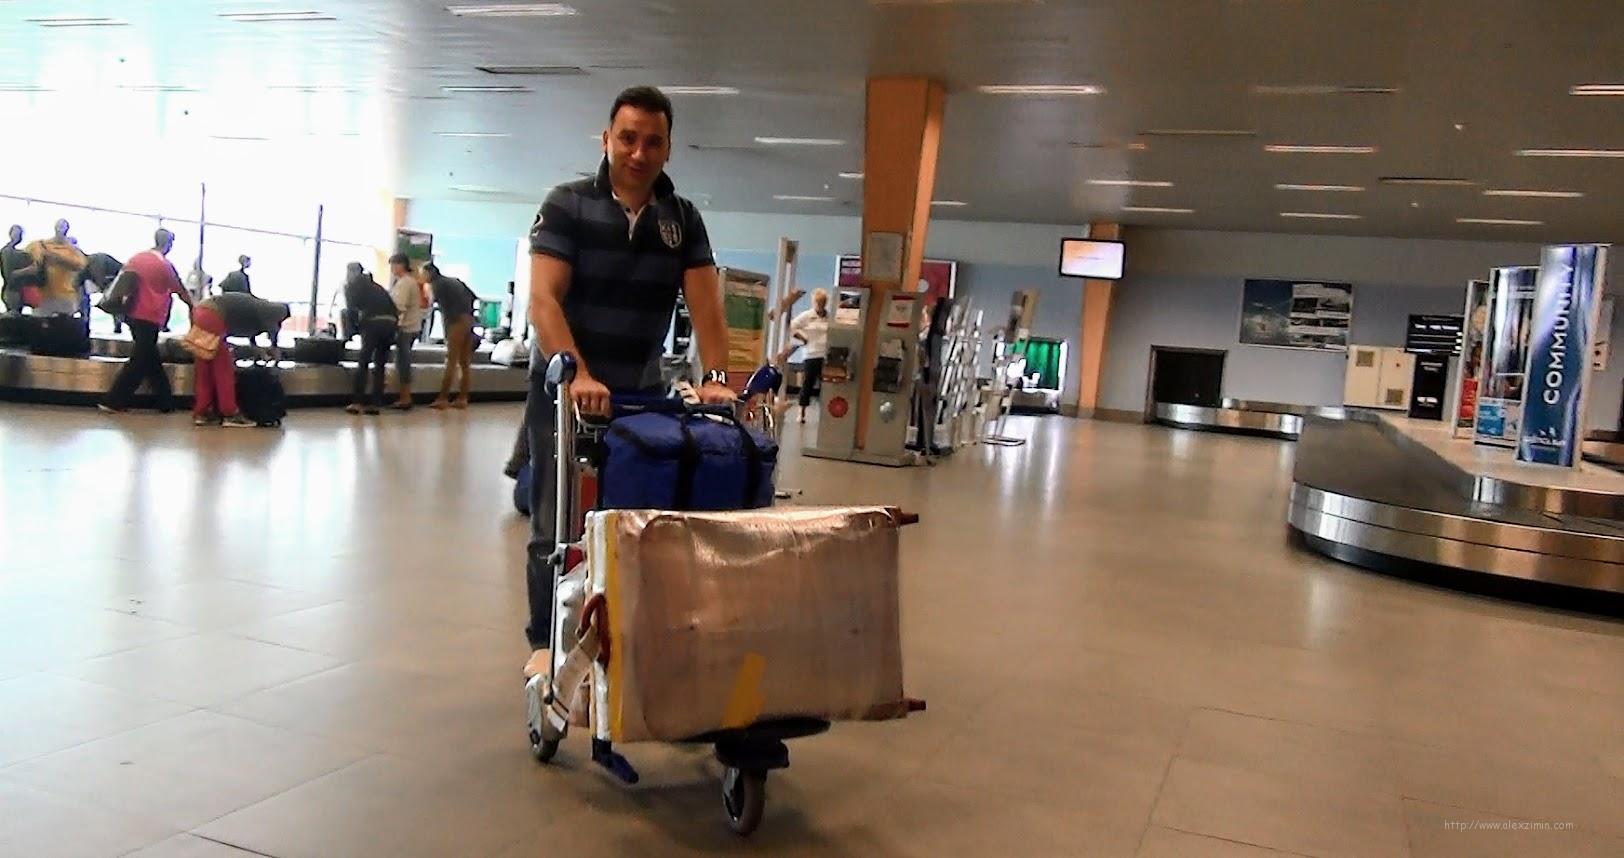 Аренда авто в Черногории в аэропорту Тиват и Подгорица. Все нюансы и особенности